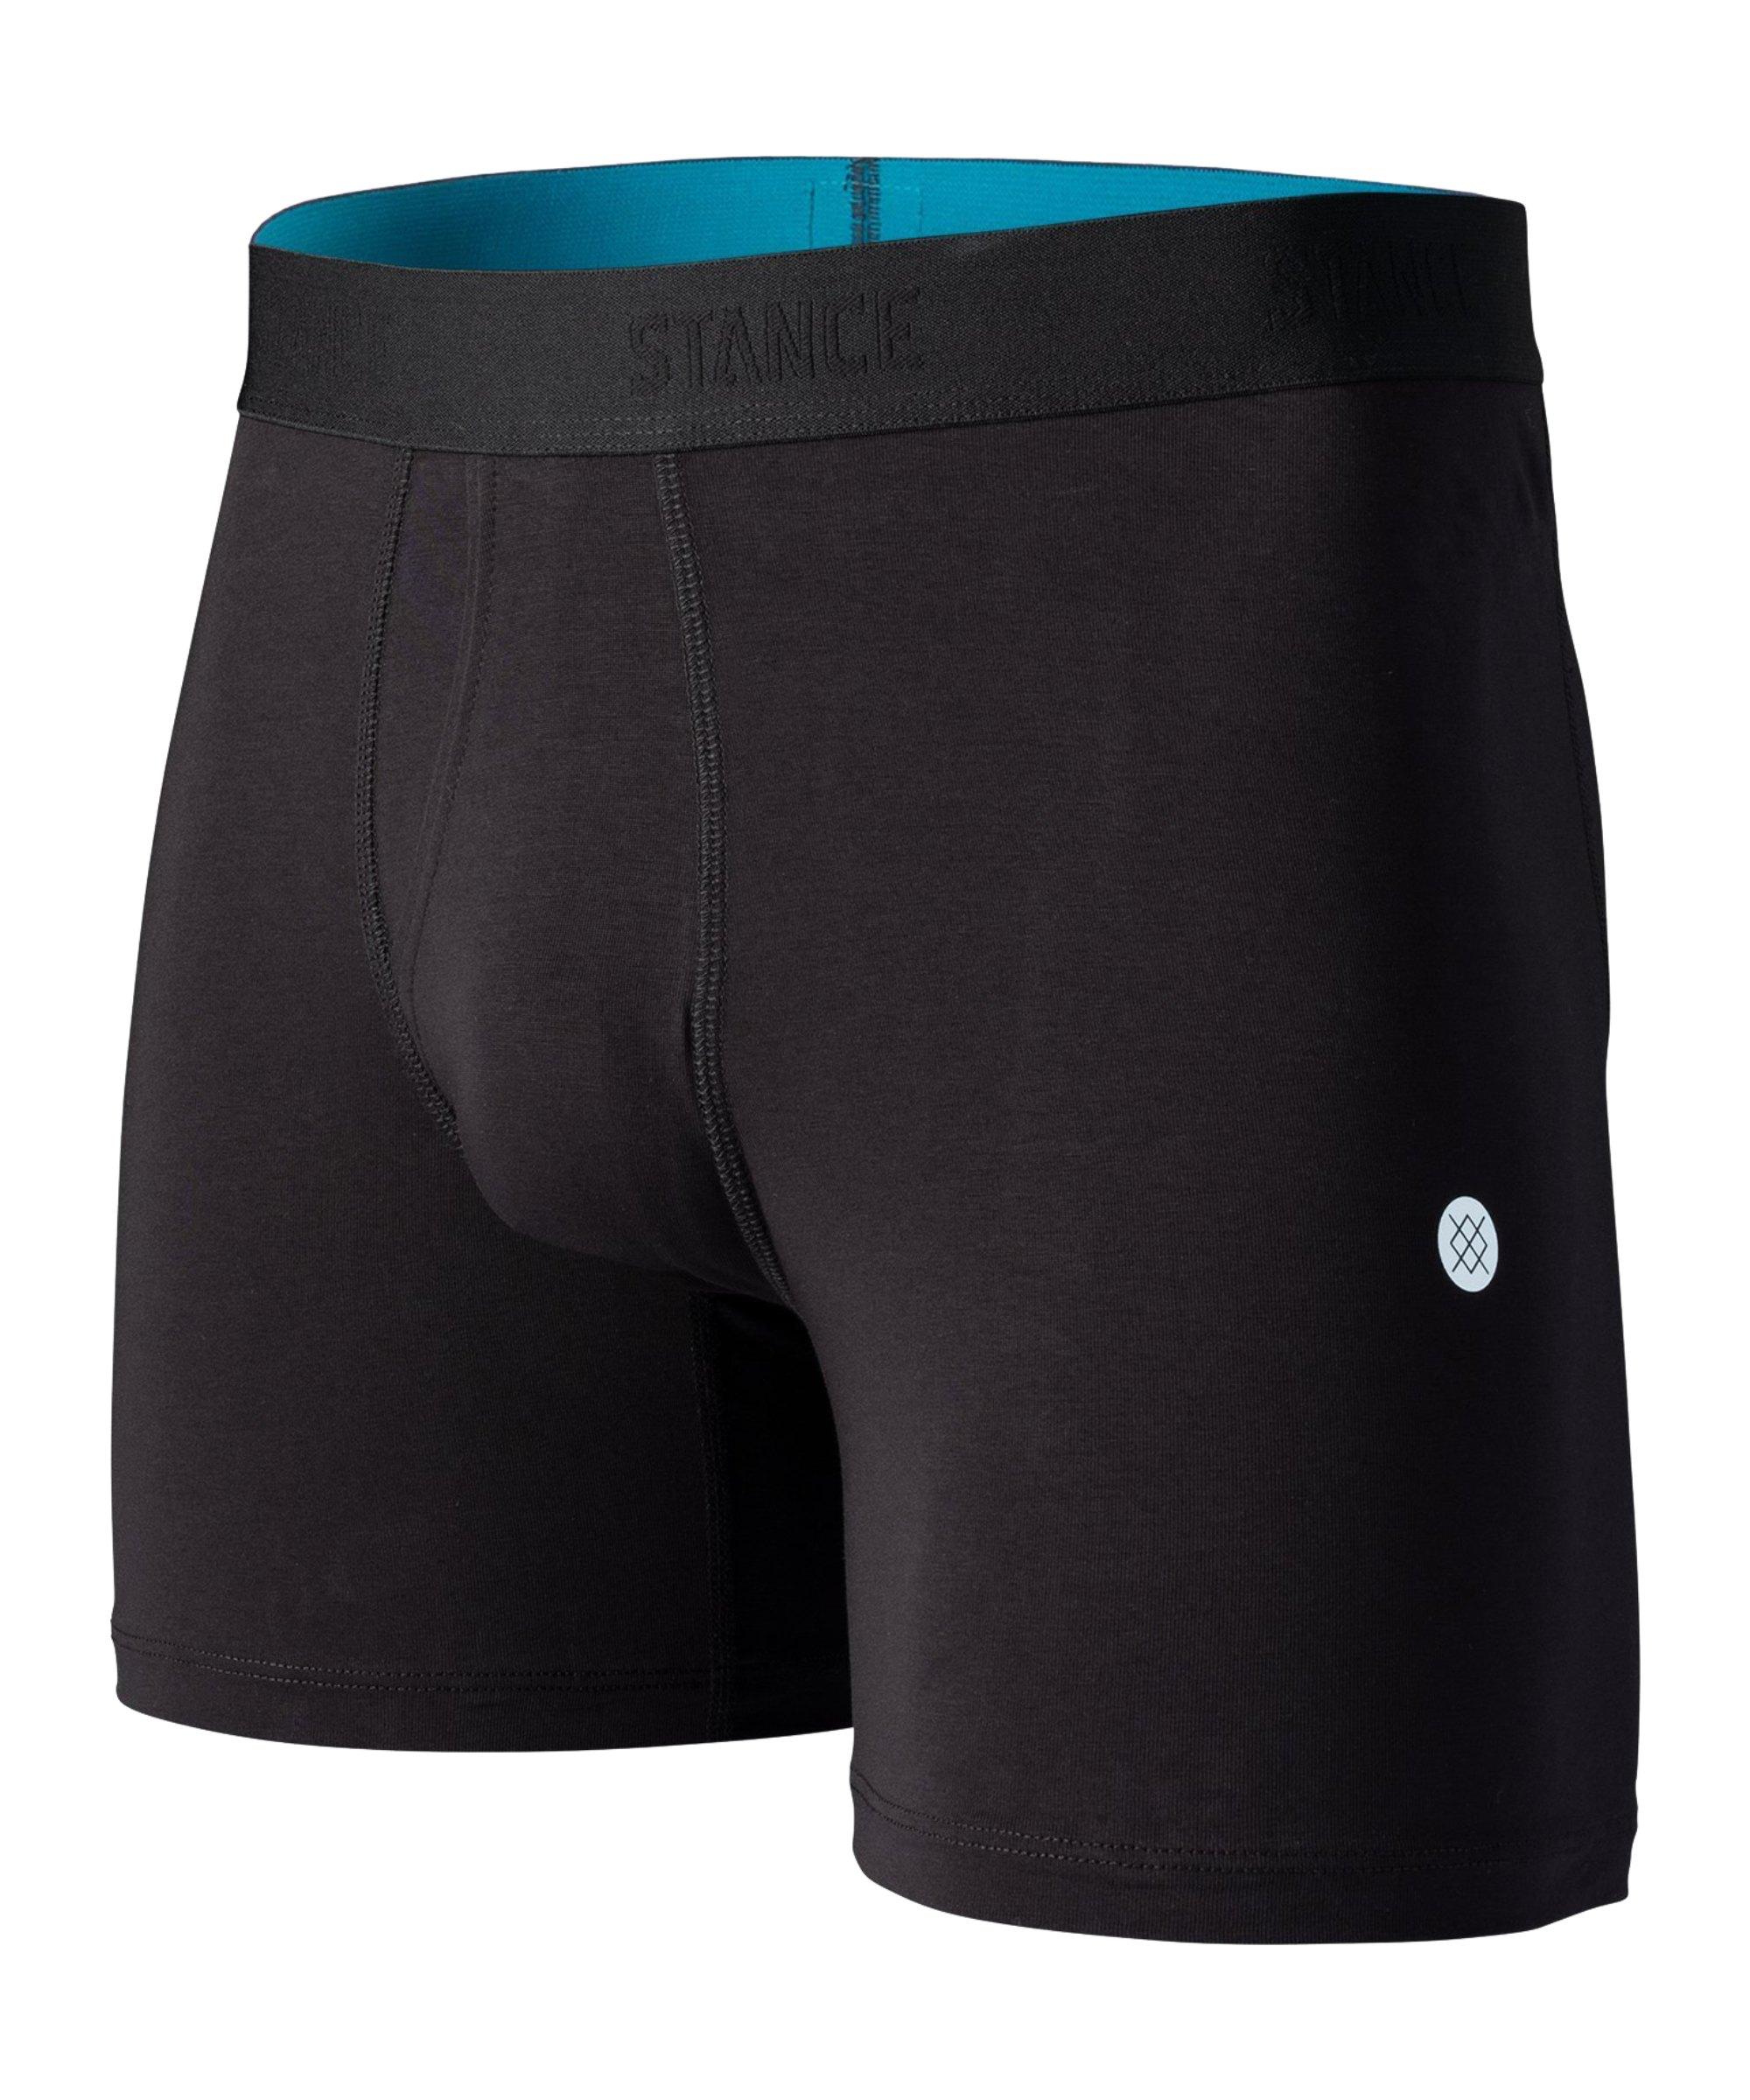 Stance Wholster Boxer Short Schwarz - schwarz